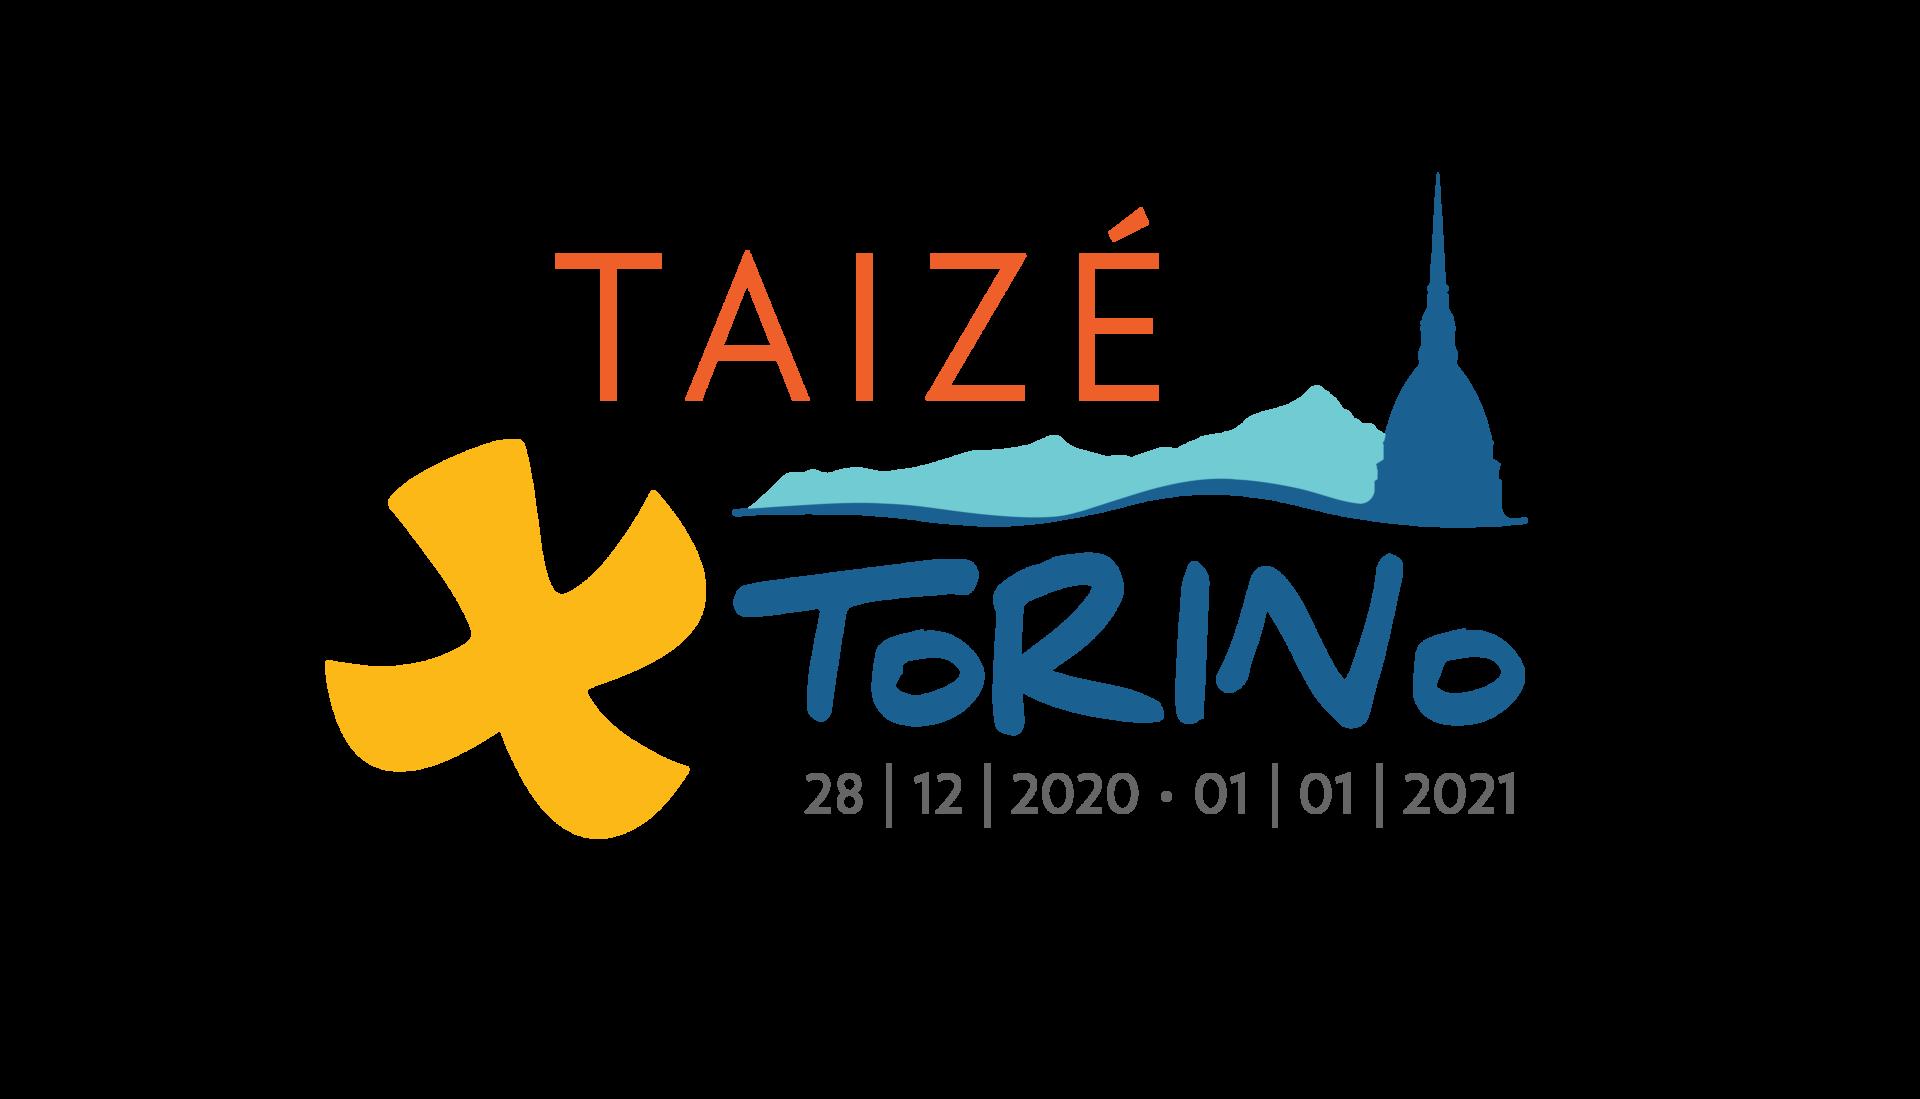 rencontre européenne de taizé 2020